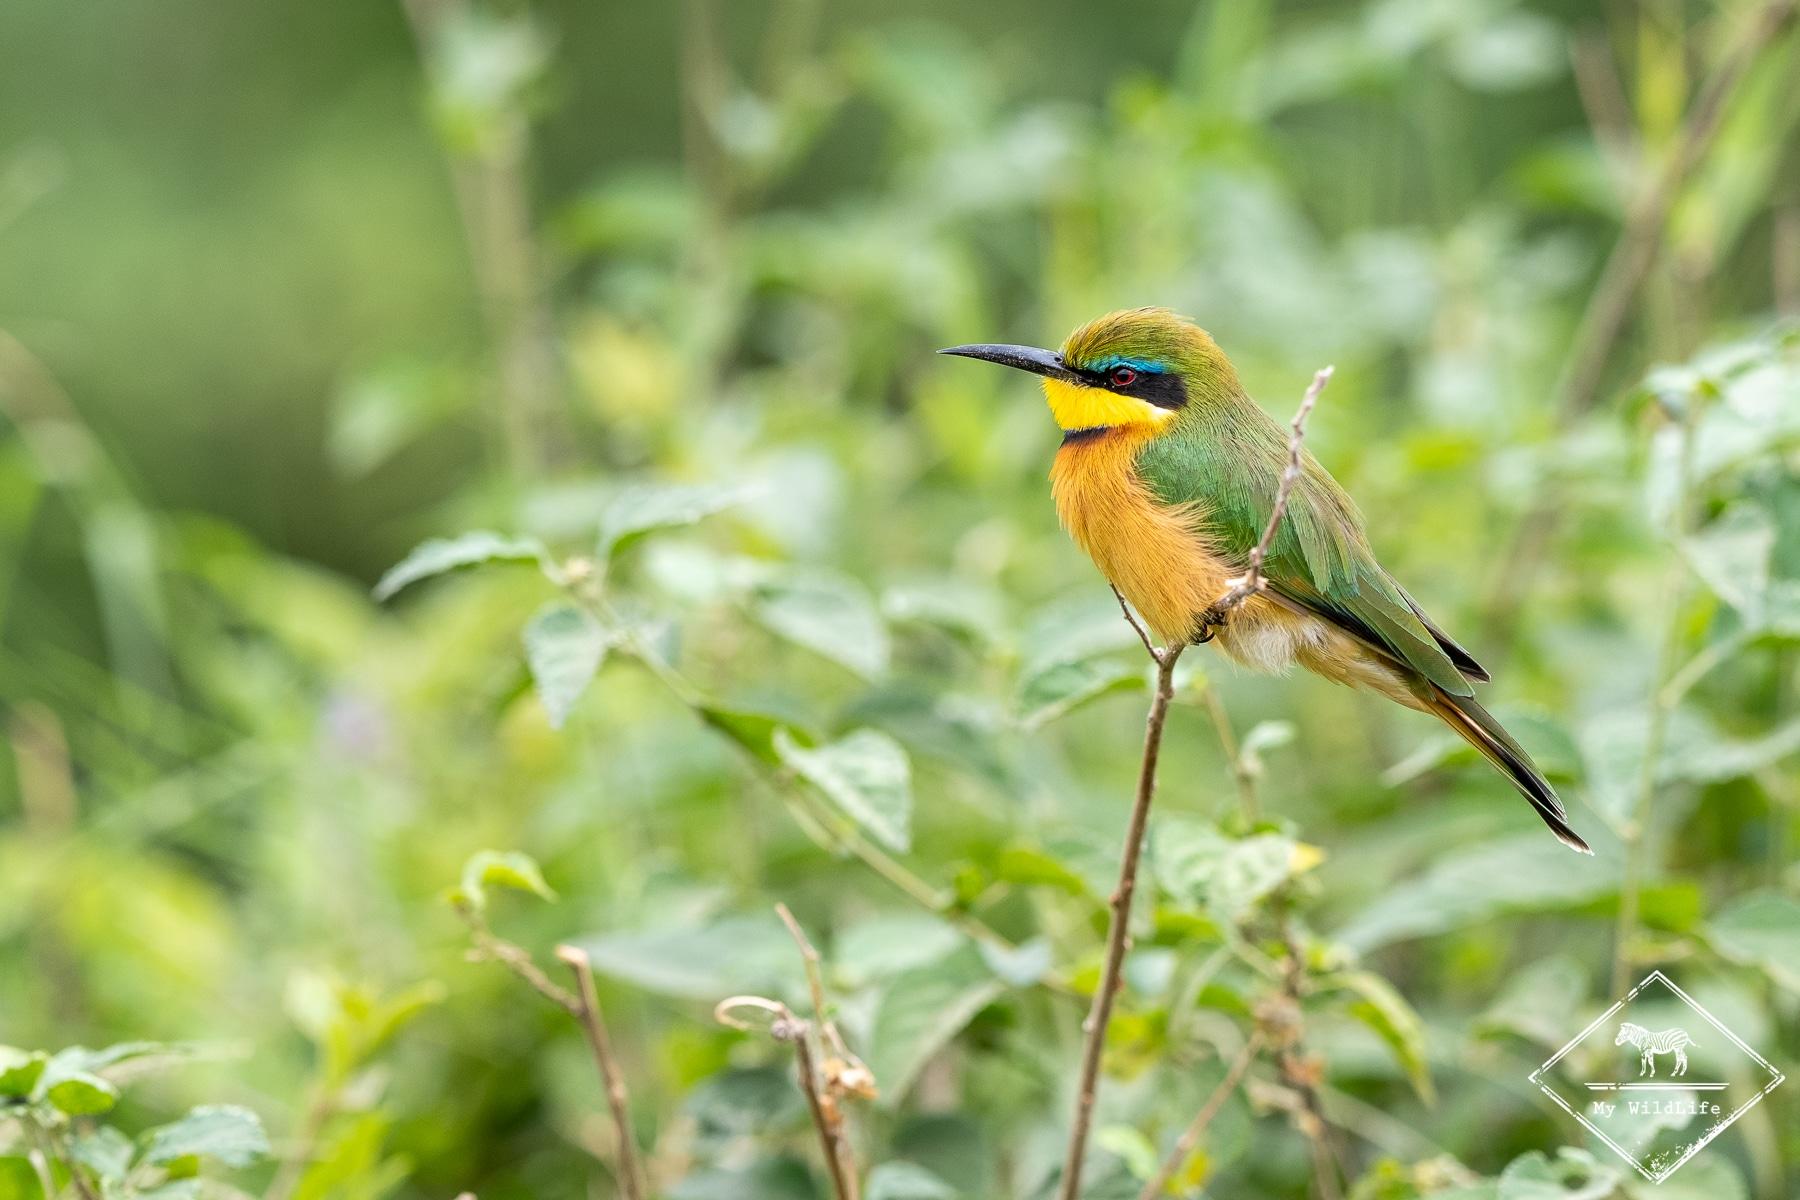 Safari Photo en Afrique du Sud dans les réserves privées du Greater Kruger (Balule, Manyeleti et Timbavati)